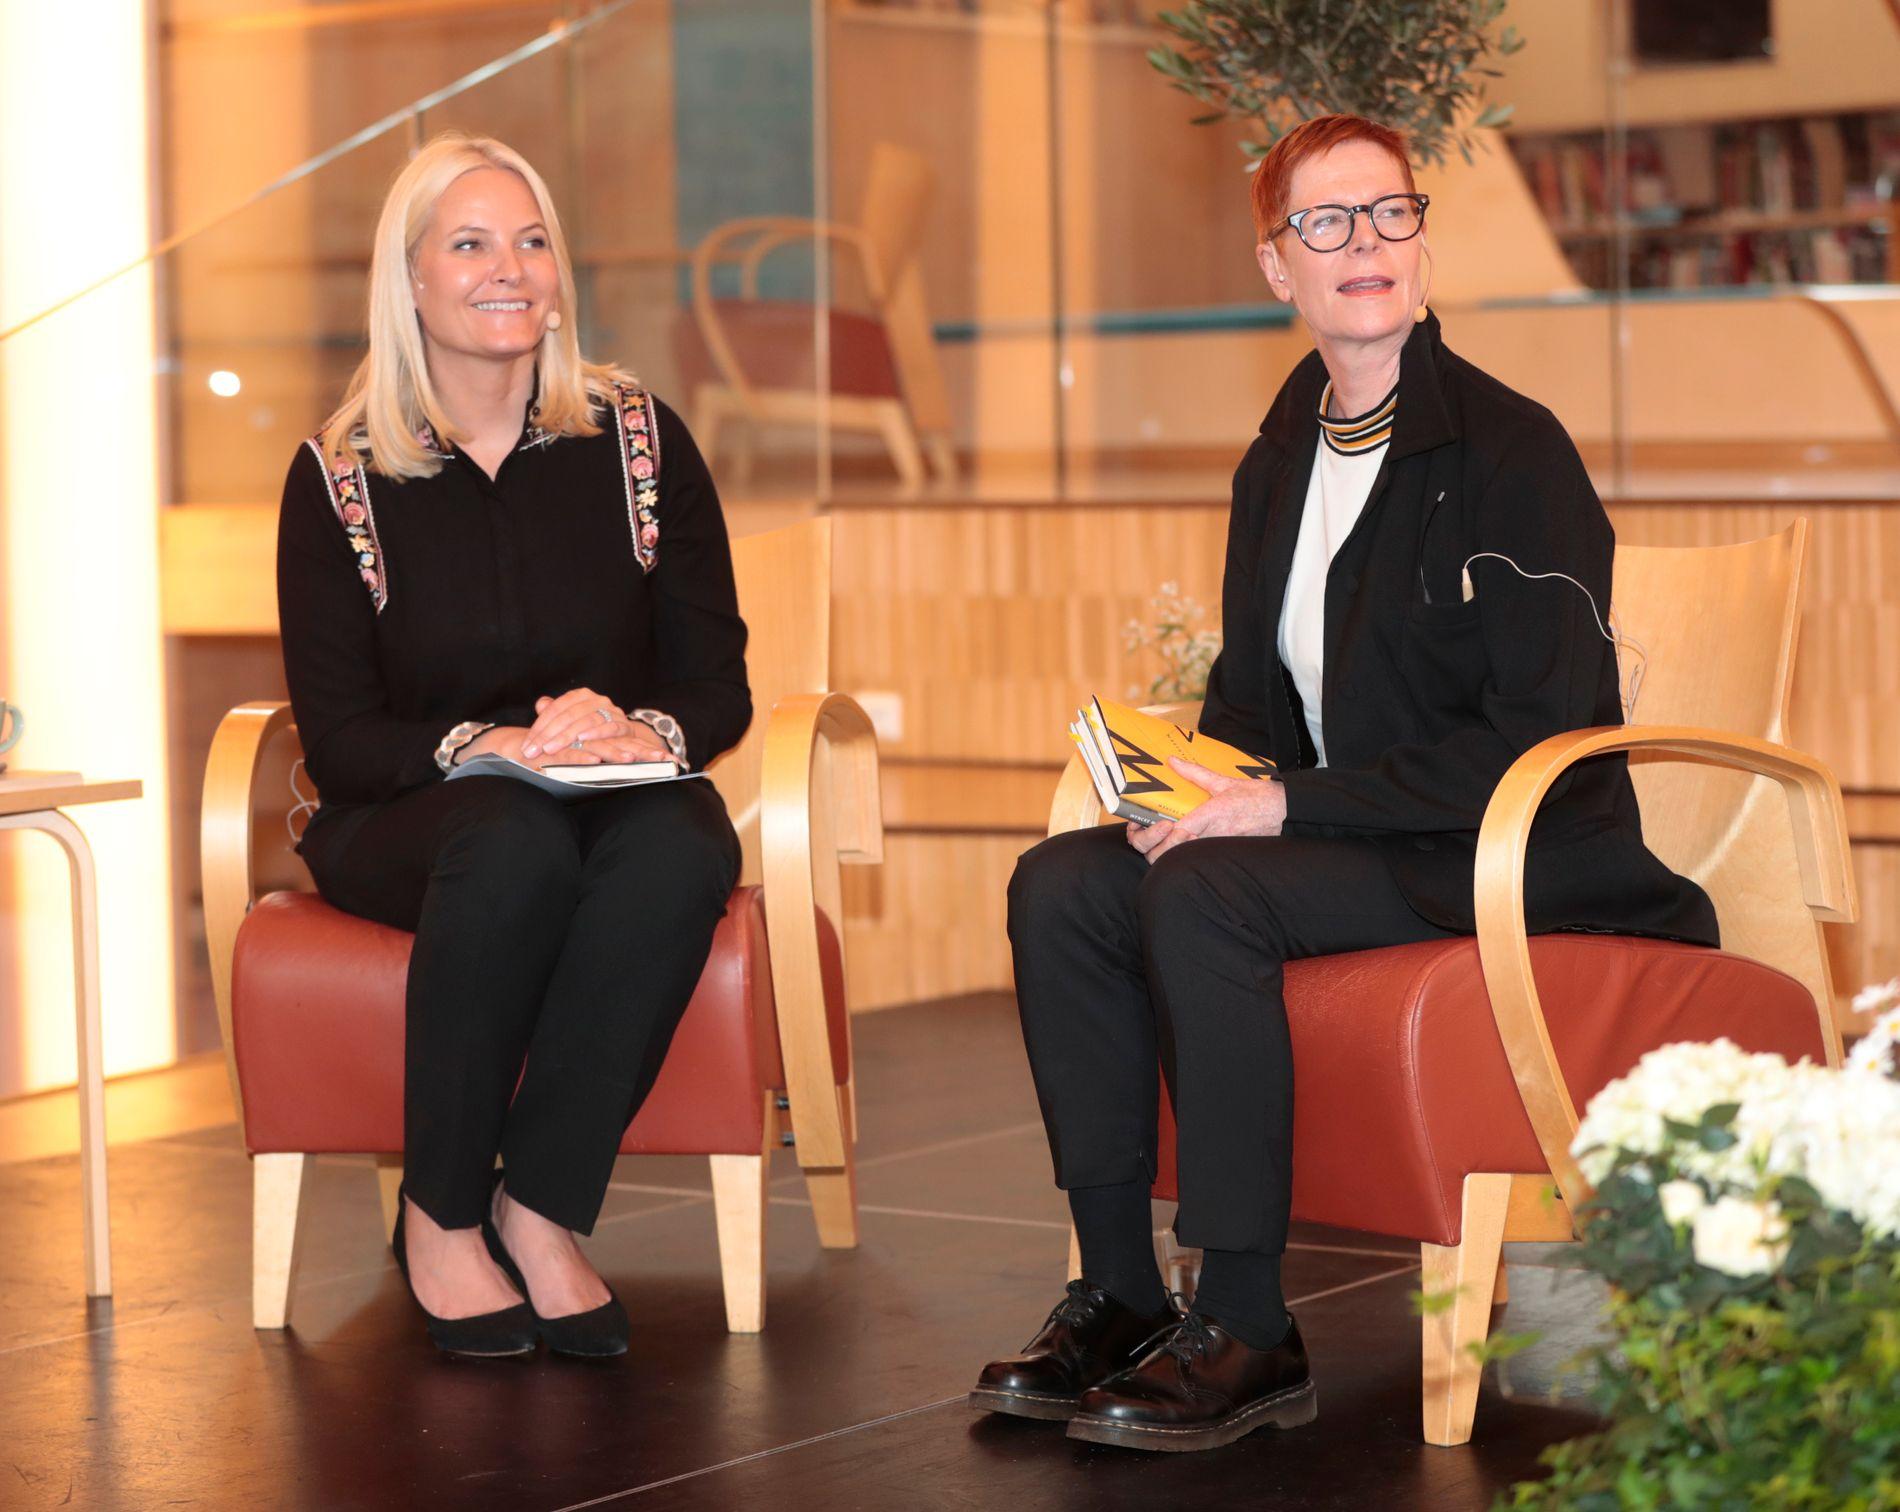 STERKT MØTE: Kronprinsesse Mette-Marit sammen med forfatter Wencke Mühleisen i Vennesla fredag.